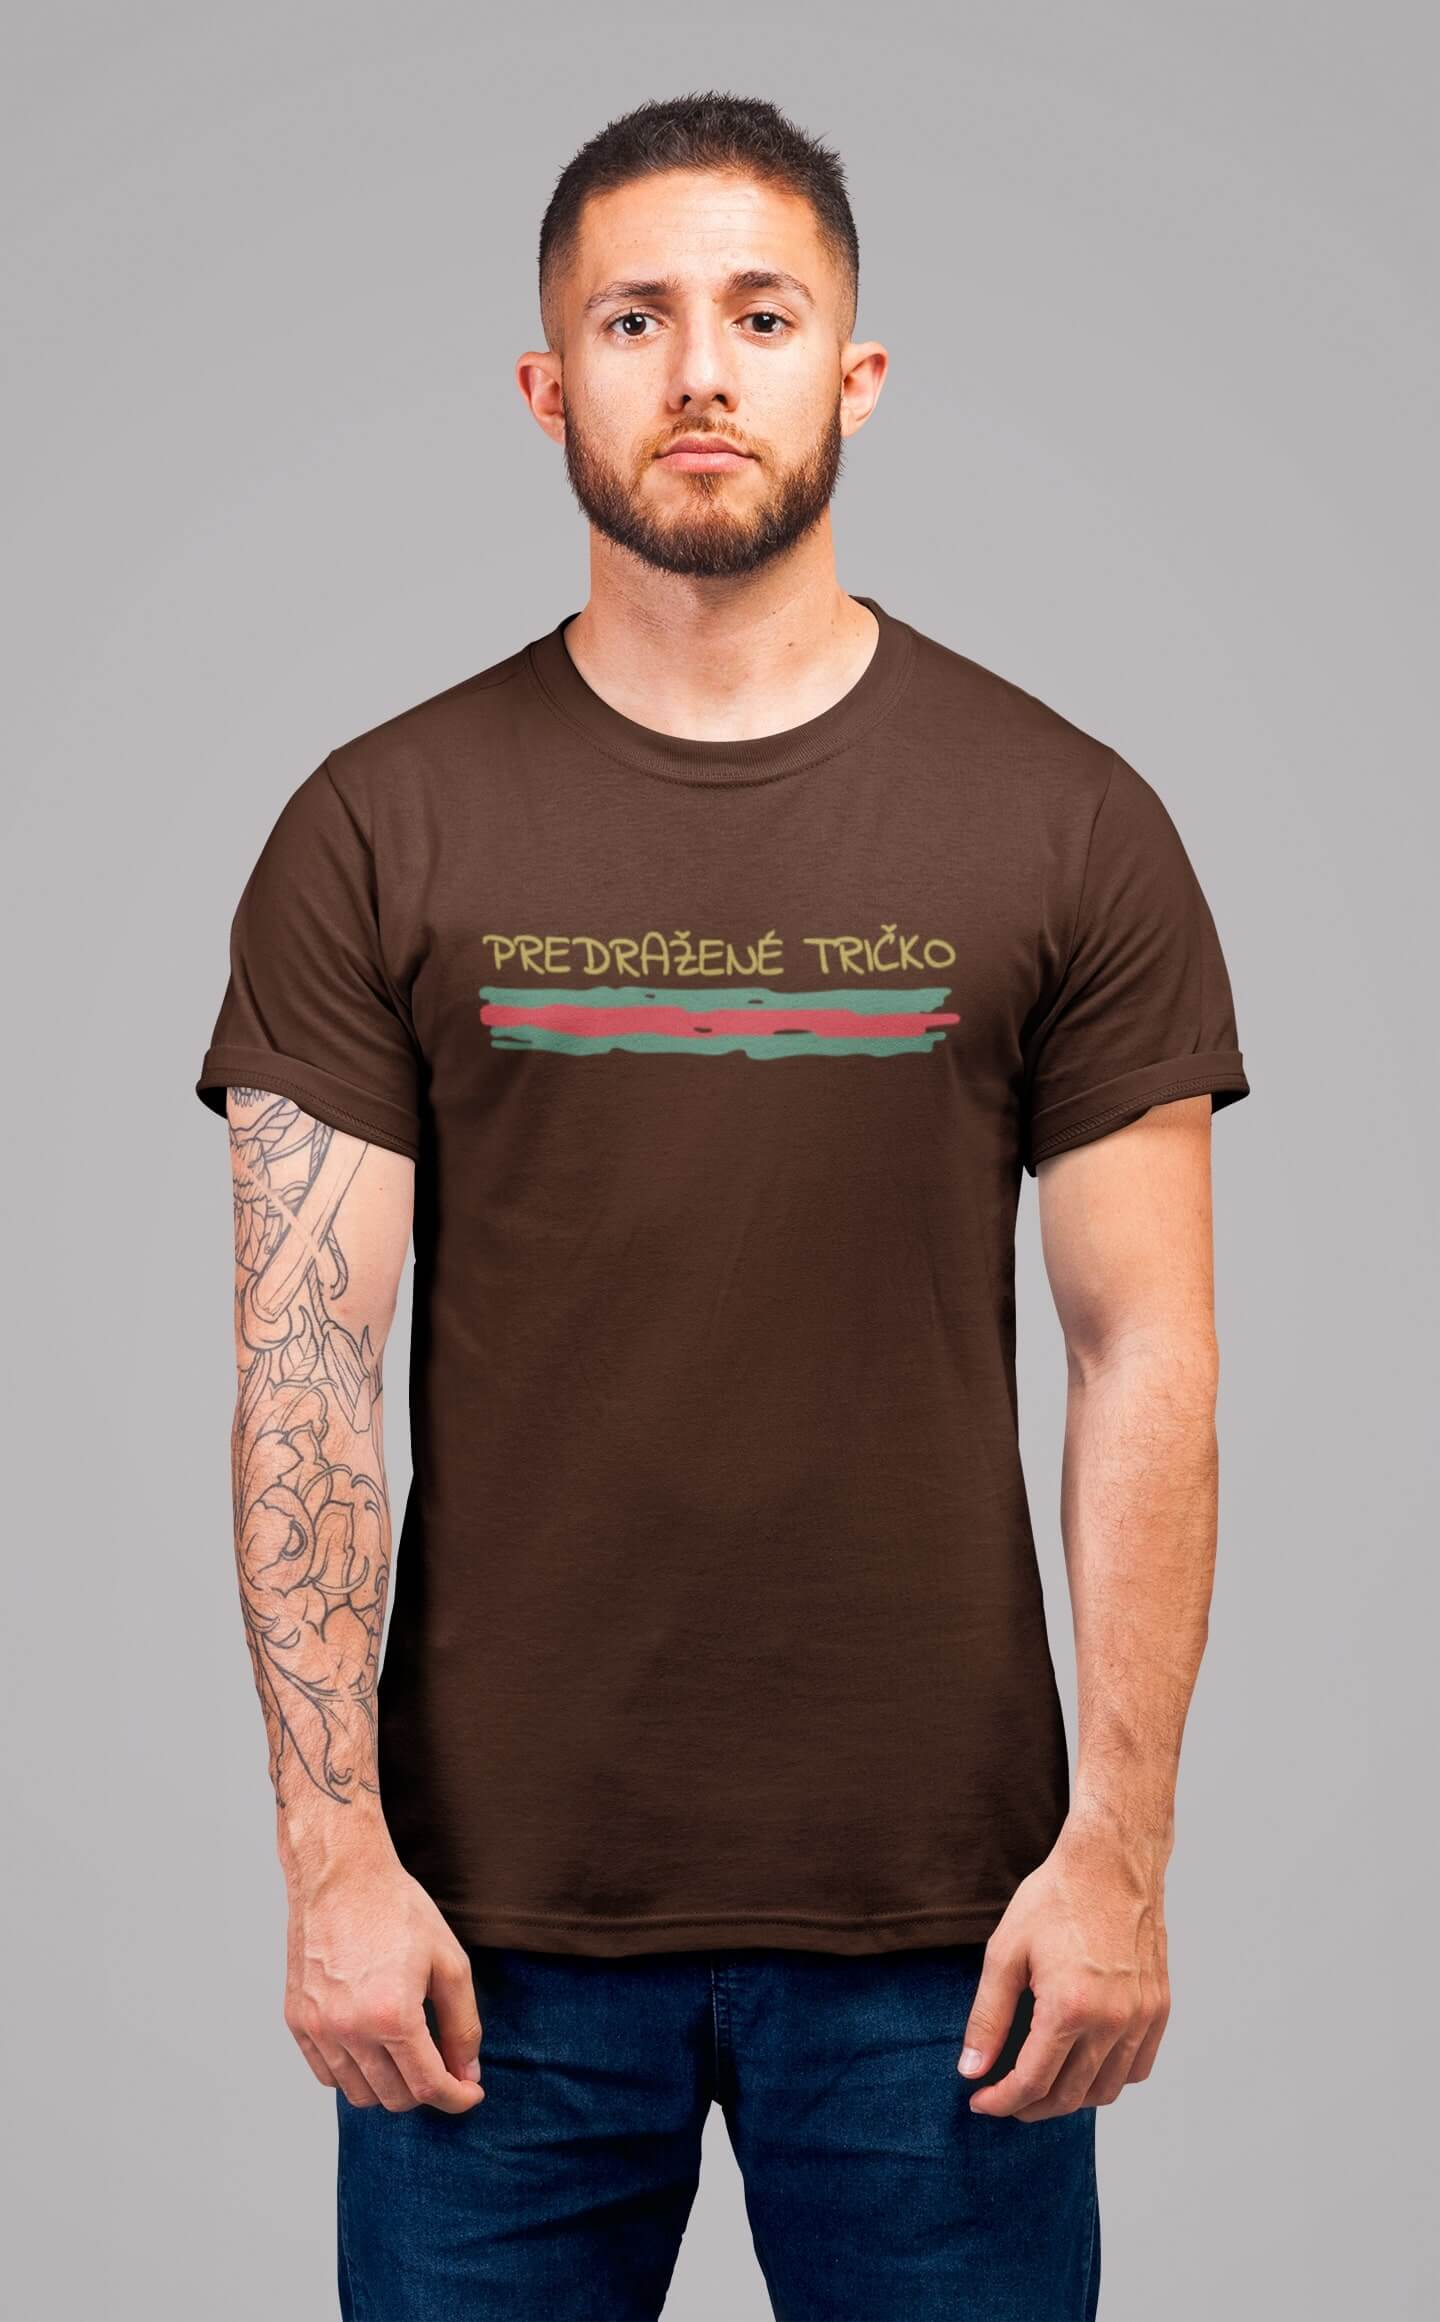 MMO Pánske tričko Predražené tričko Vyberte farbu: Čokoládová, Vyberte veľkosť: XL